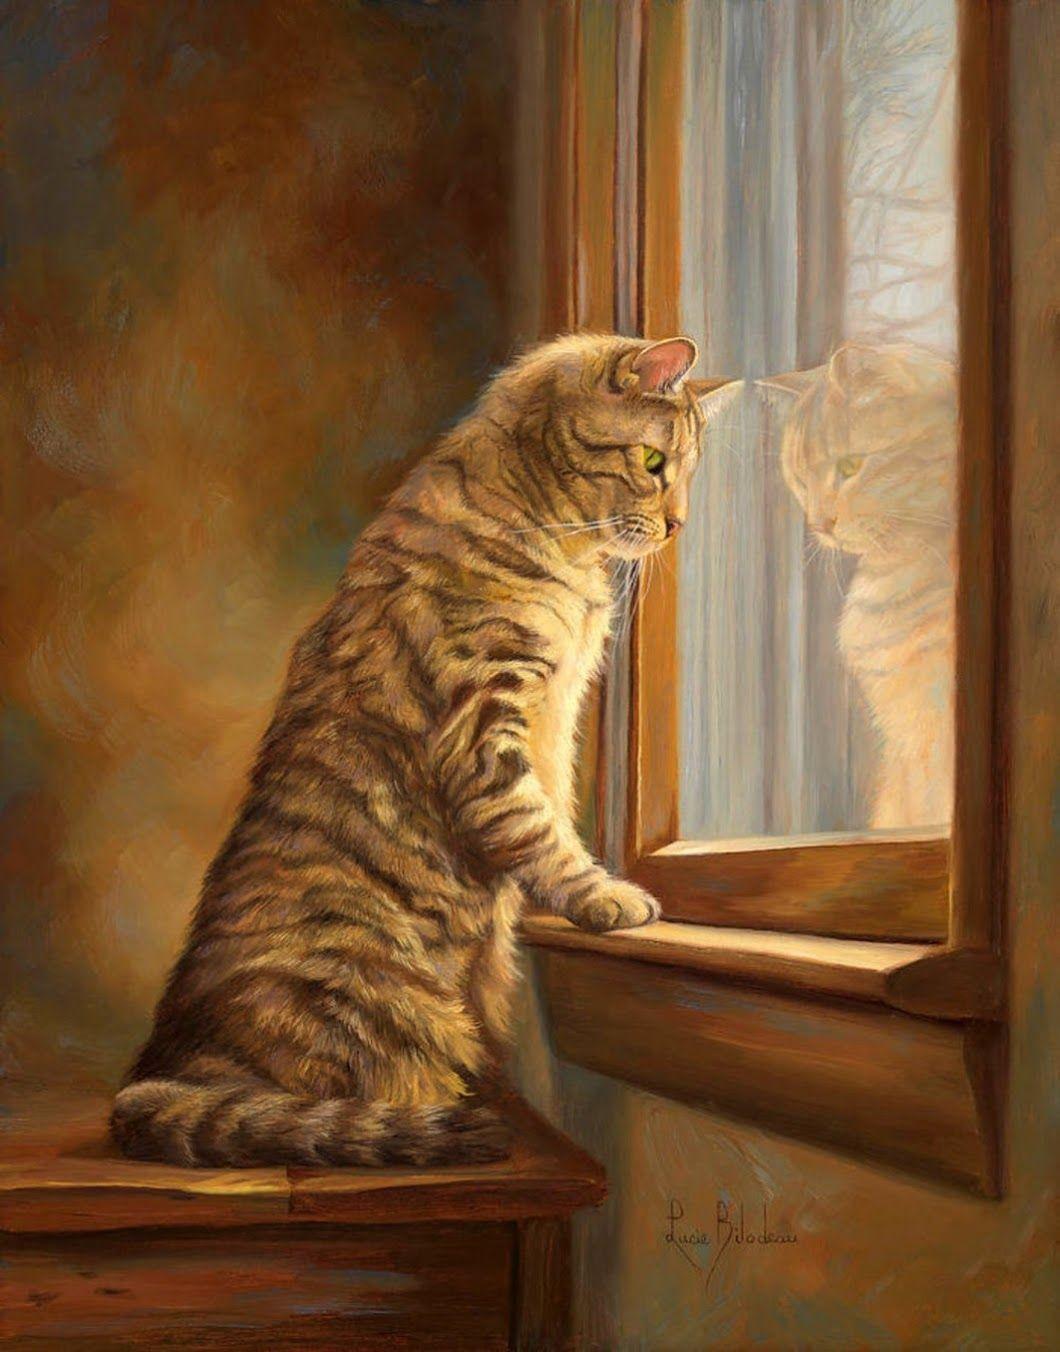 Lucie Bilodeau   Cat painting, Cats, Cat art